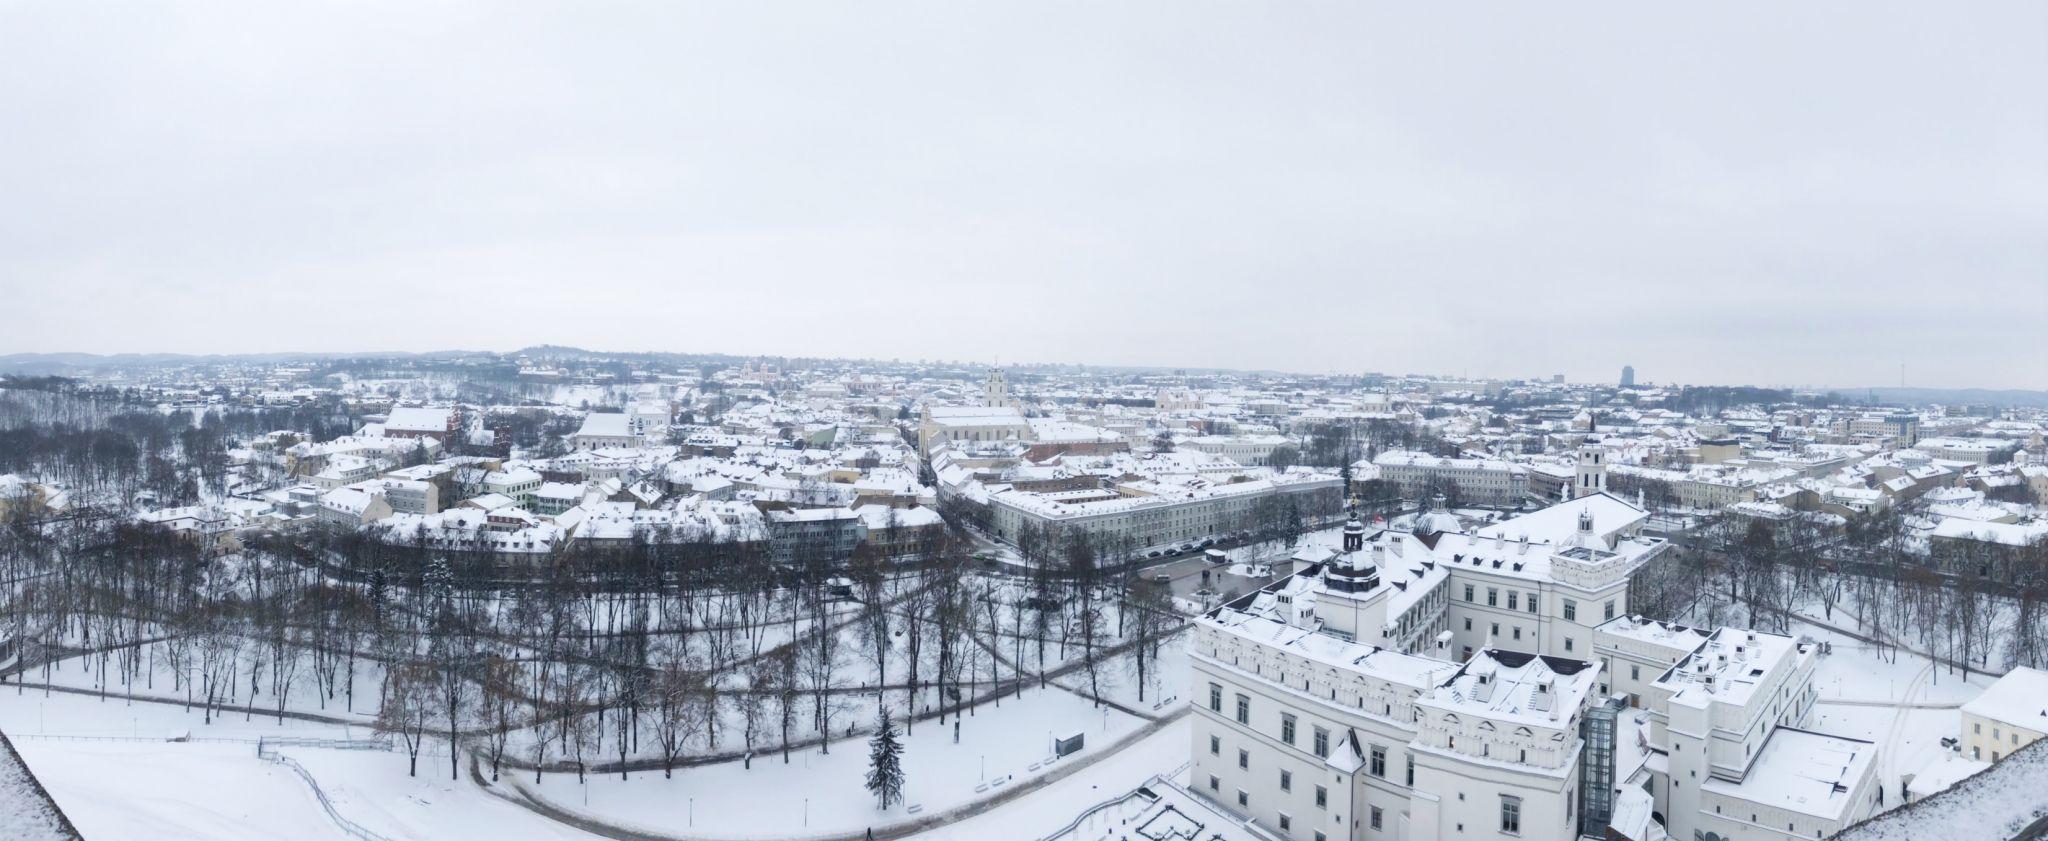 A Very Snowy Weekend In Vilnius